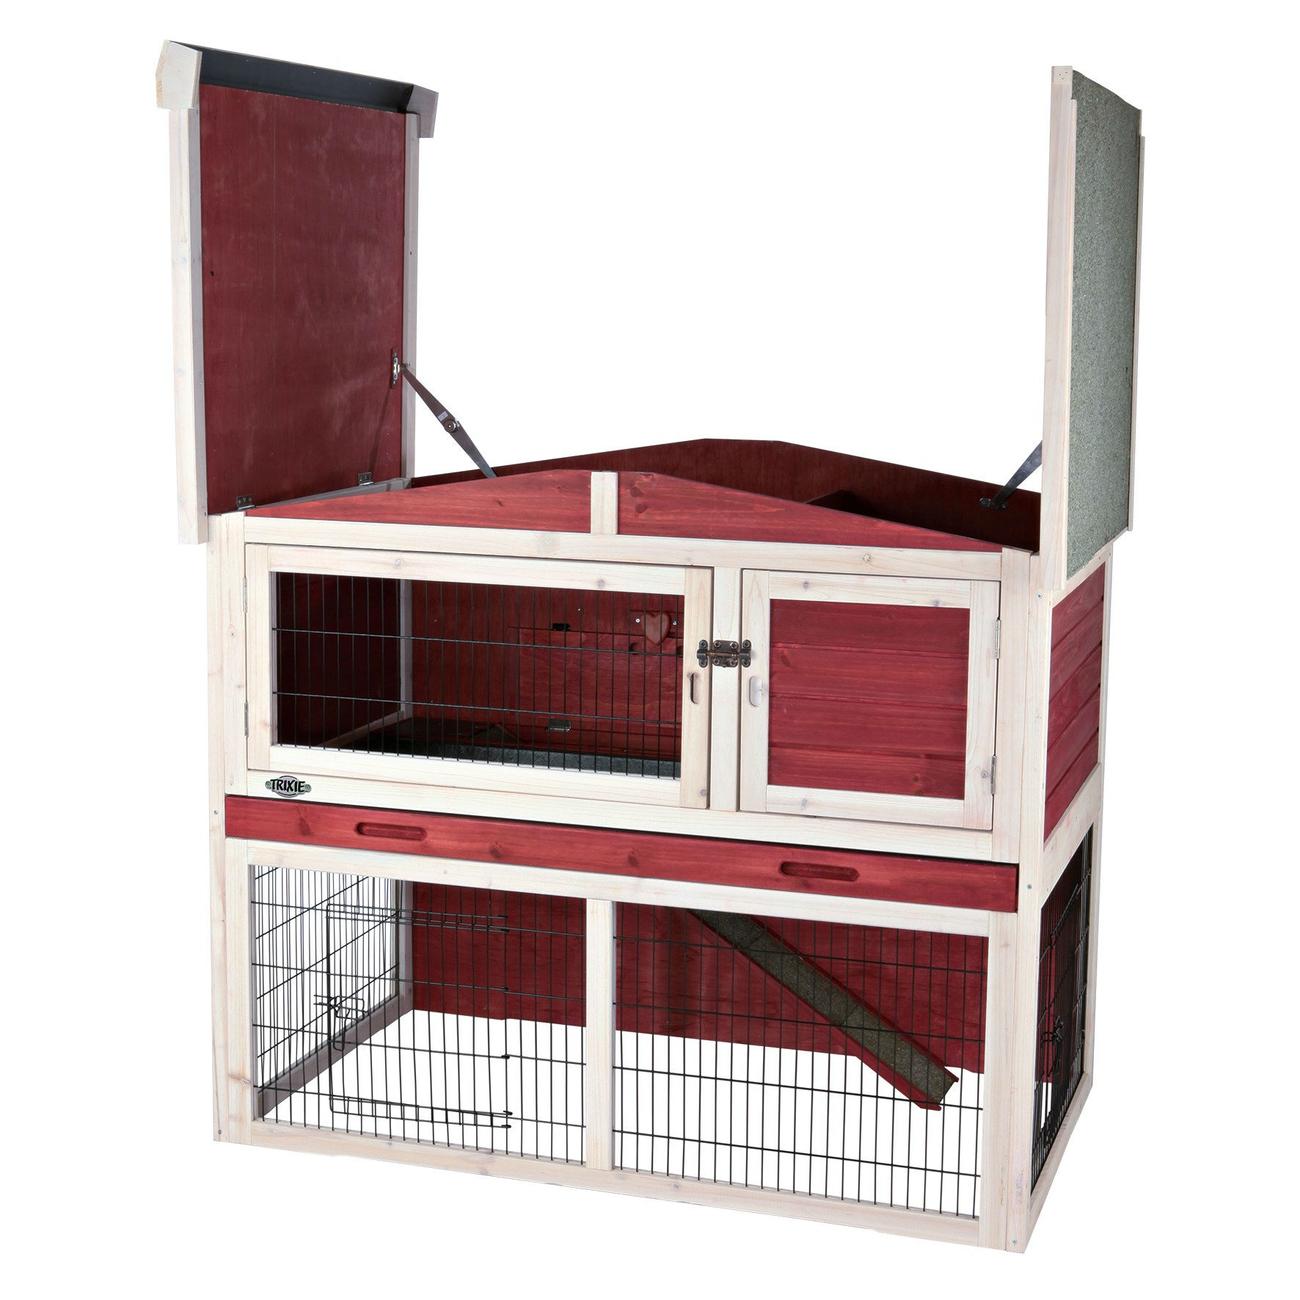 Trixie Natura Kaninchenstall mit Freilaufgehege rot-weiß 62325, Bild 3